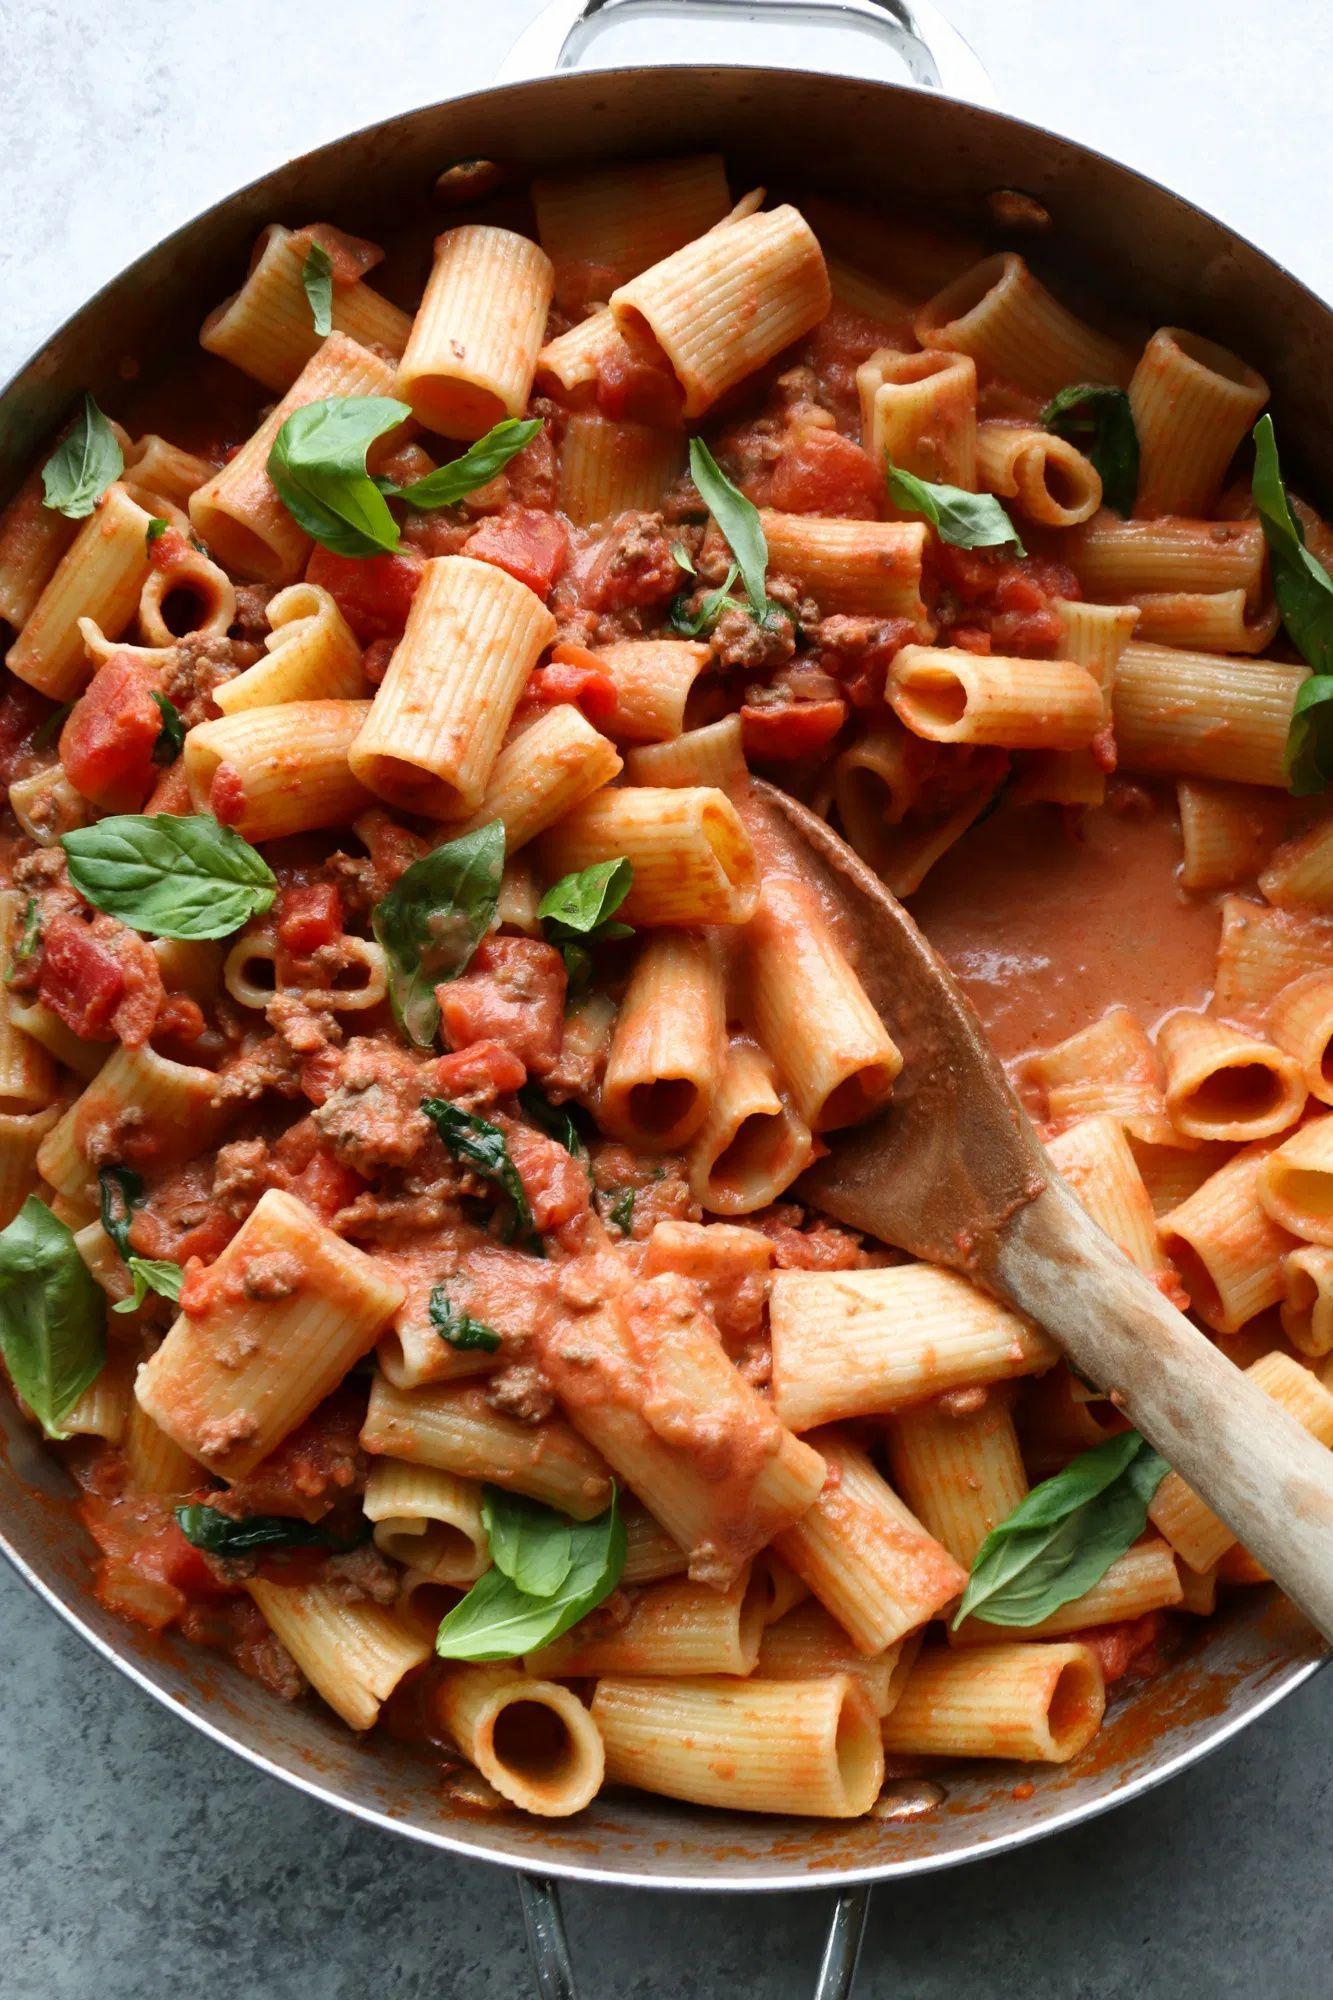 Creamy Rigatoni Pasta Recipe Delicious Dinner Recipes Pasta Appetizers Recipes